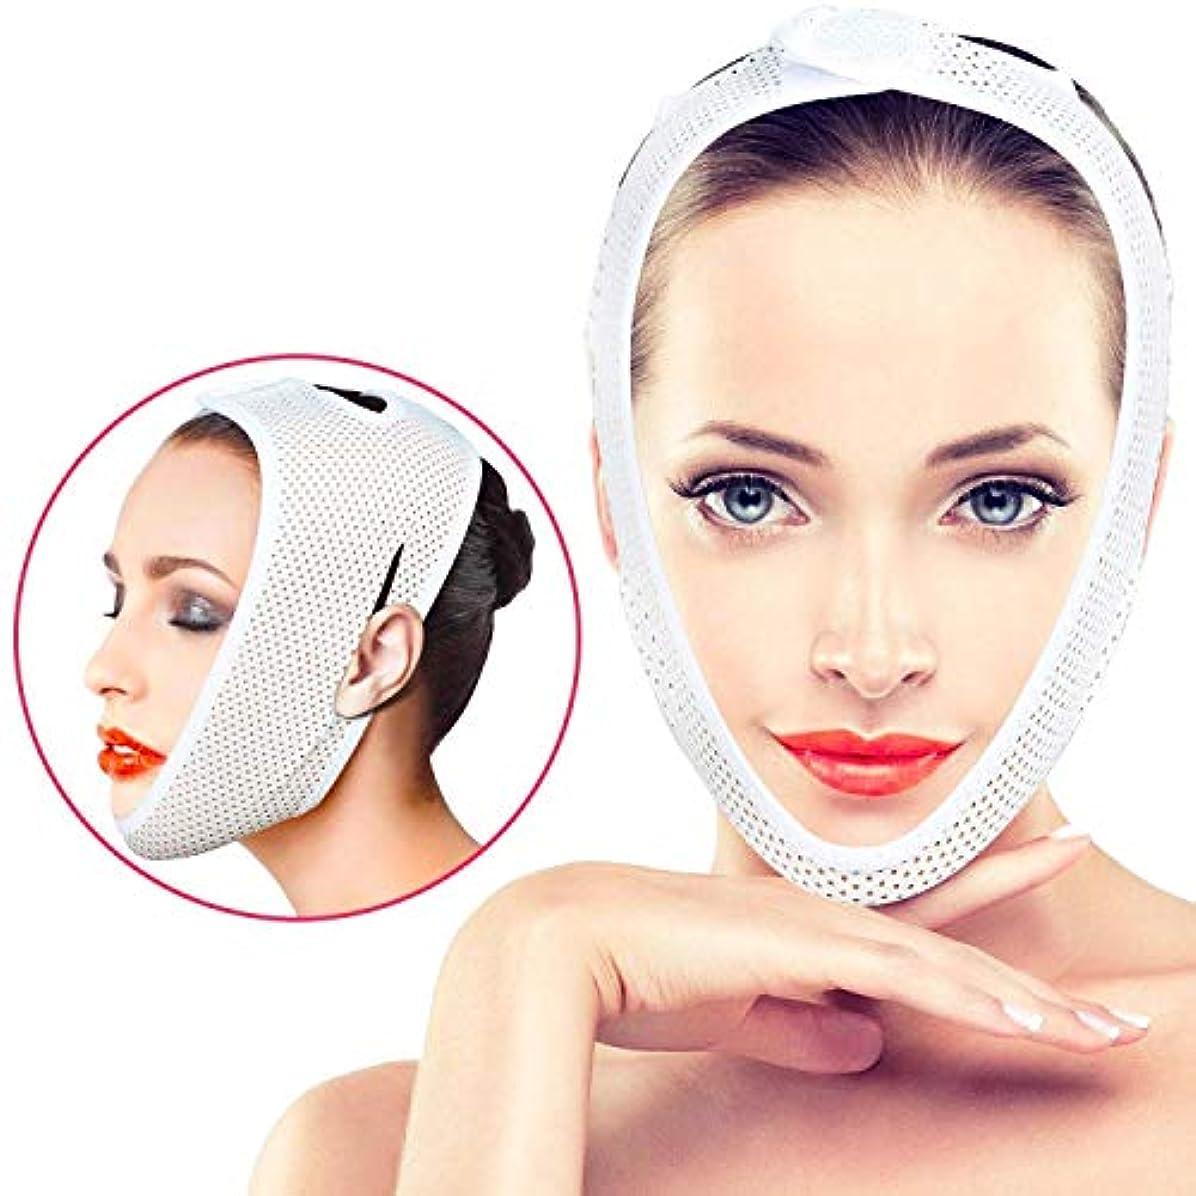 注ぎますレトルト鷲WSJTT パッチ通気チンケアを締め付け女性のための顔のリフティングベルト、Vラインチンチークリフトアップバンドアンチリンクル包帯、スリミング包帯二重あごケア減量Vフェイスベルト補正ベルト